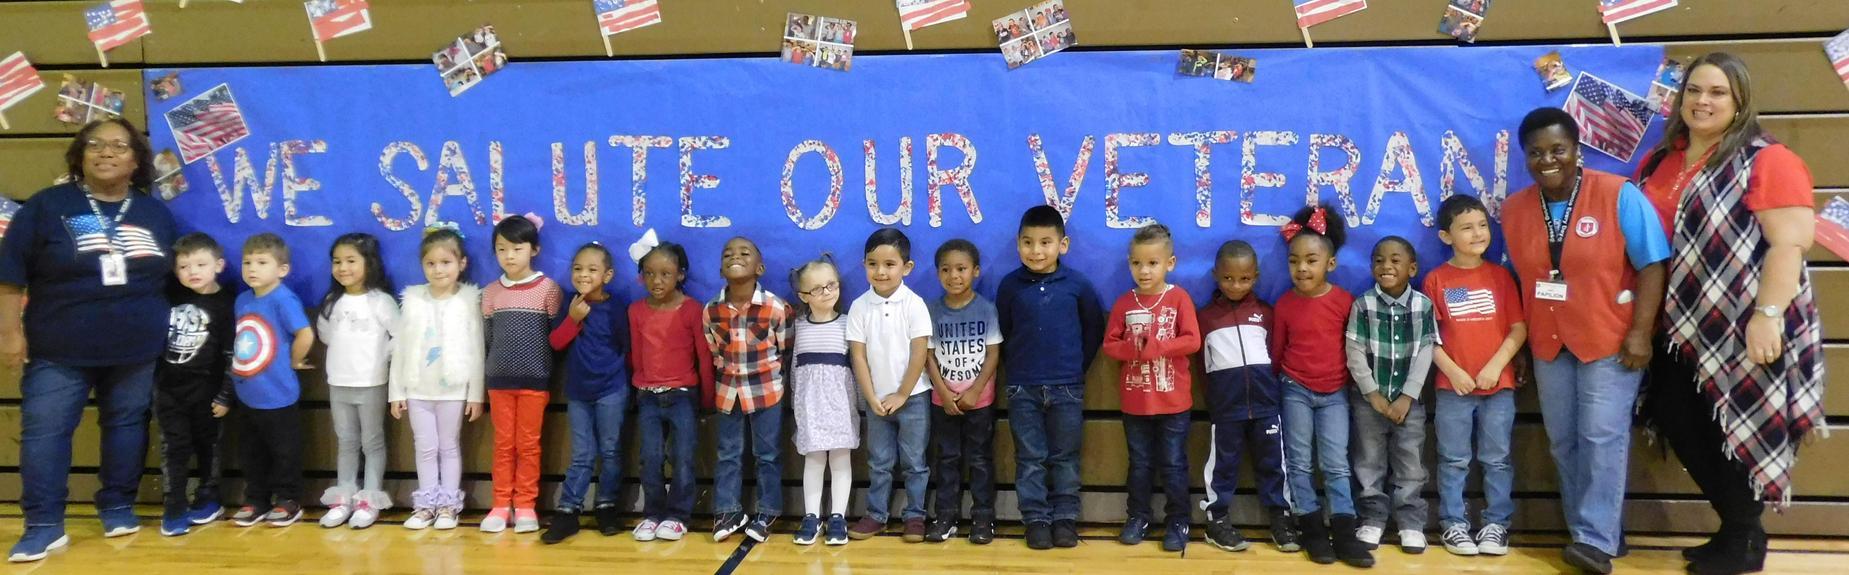 Veterans Day Program